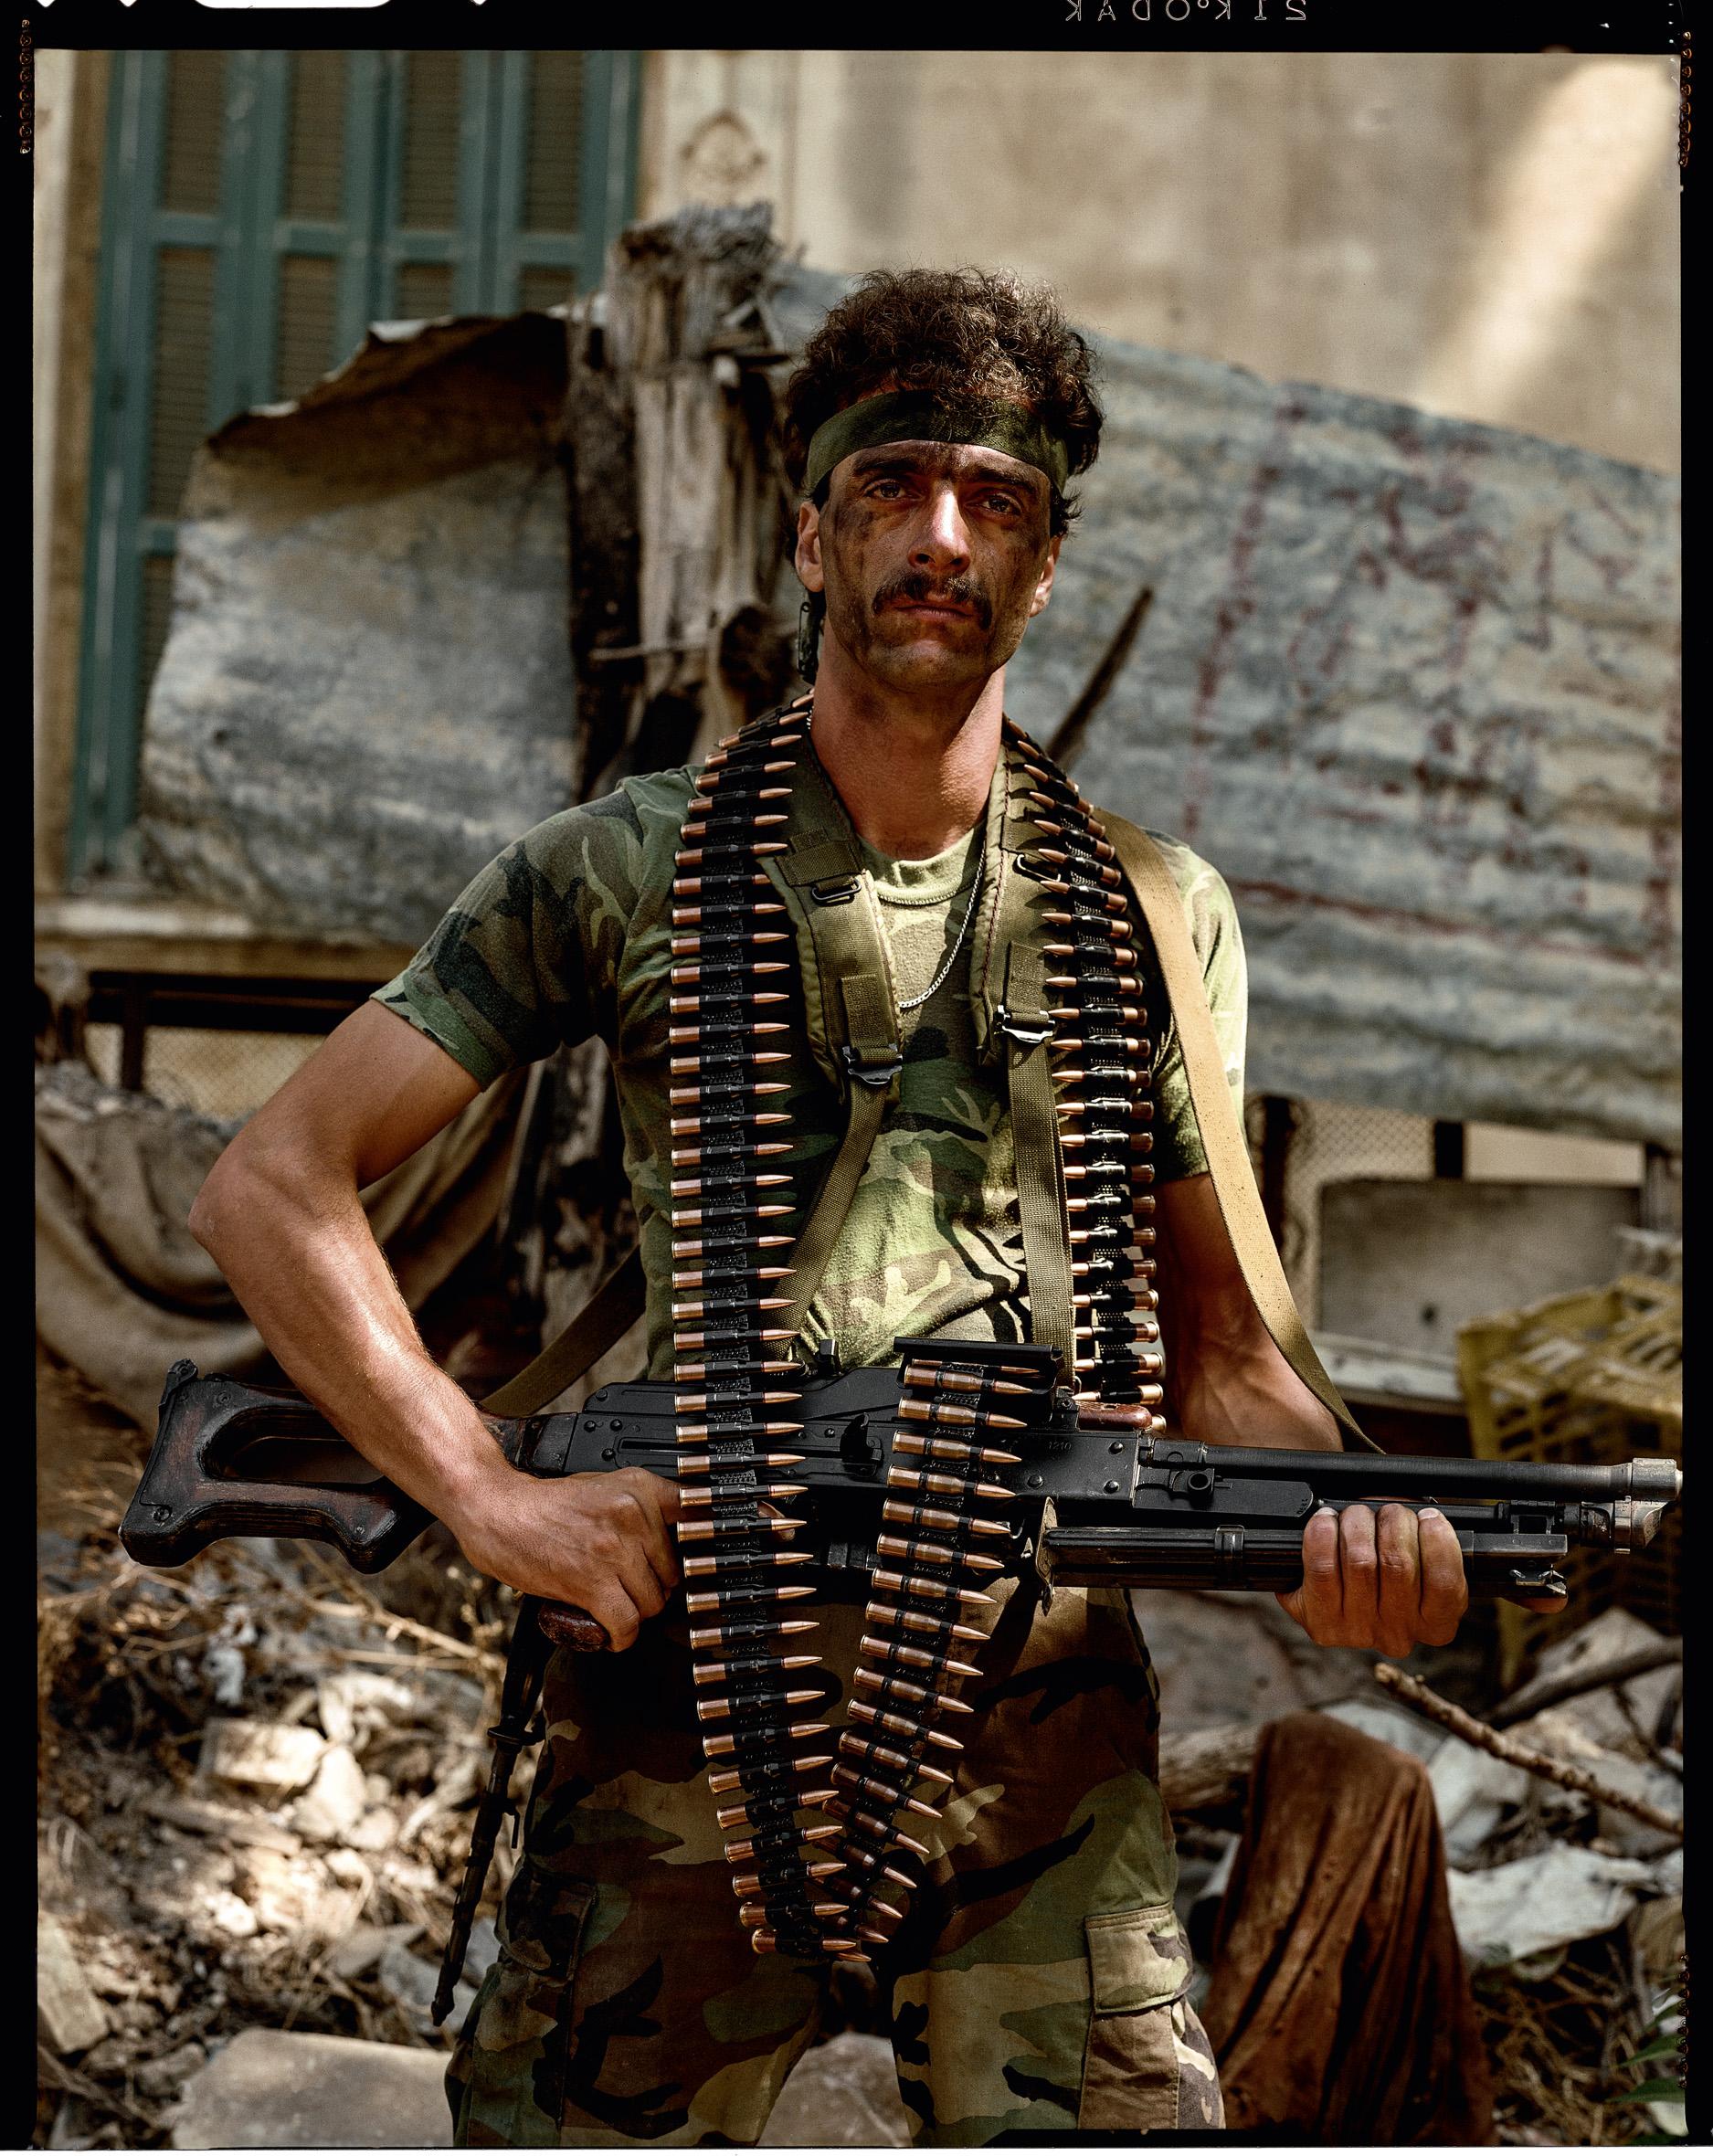 © Yan Morvan.  Mahmud, dit « Godfather », 24 ans, blessé dix-sept fois au combat, chef de groupe et du mouvement chiite Amal. Ses hommes disent de lui qu'il ne recule devant rien. Signe particulier : il possède une moto Suzuki 1100 qu'il conduit à toute vitesse dans Beyrouth la nuit quand il ne combat pas. Secteur Primo.